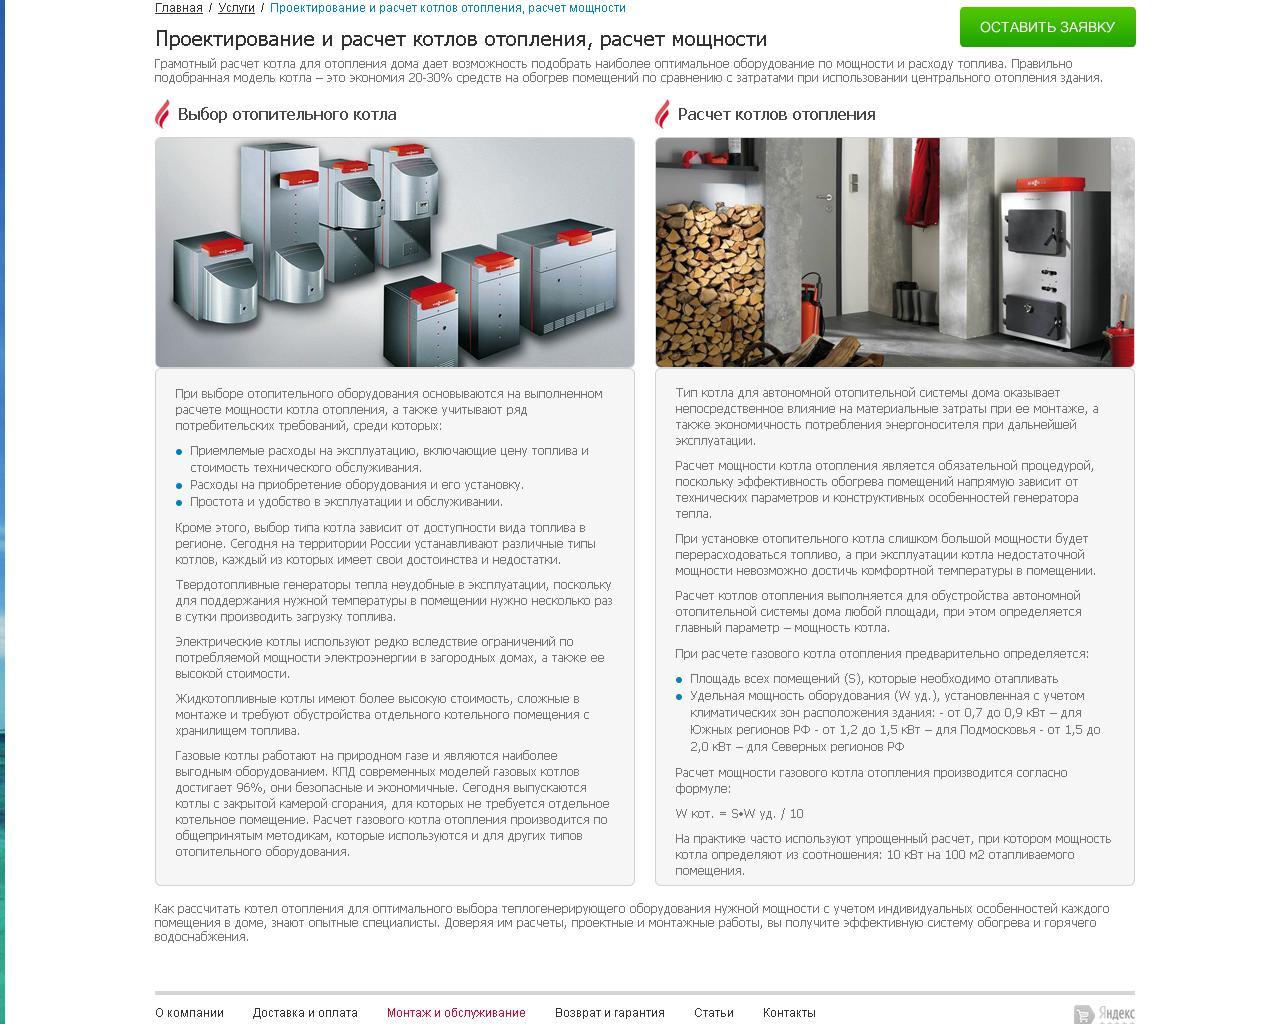 Проектирование и расчет котлов отопления